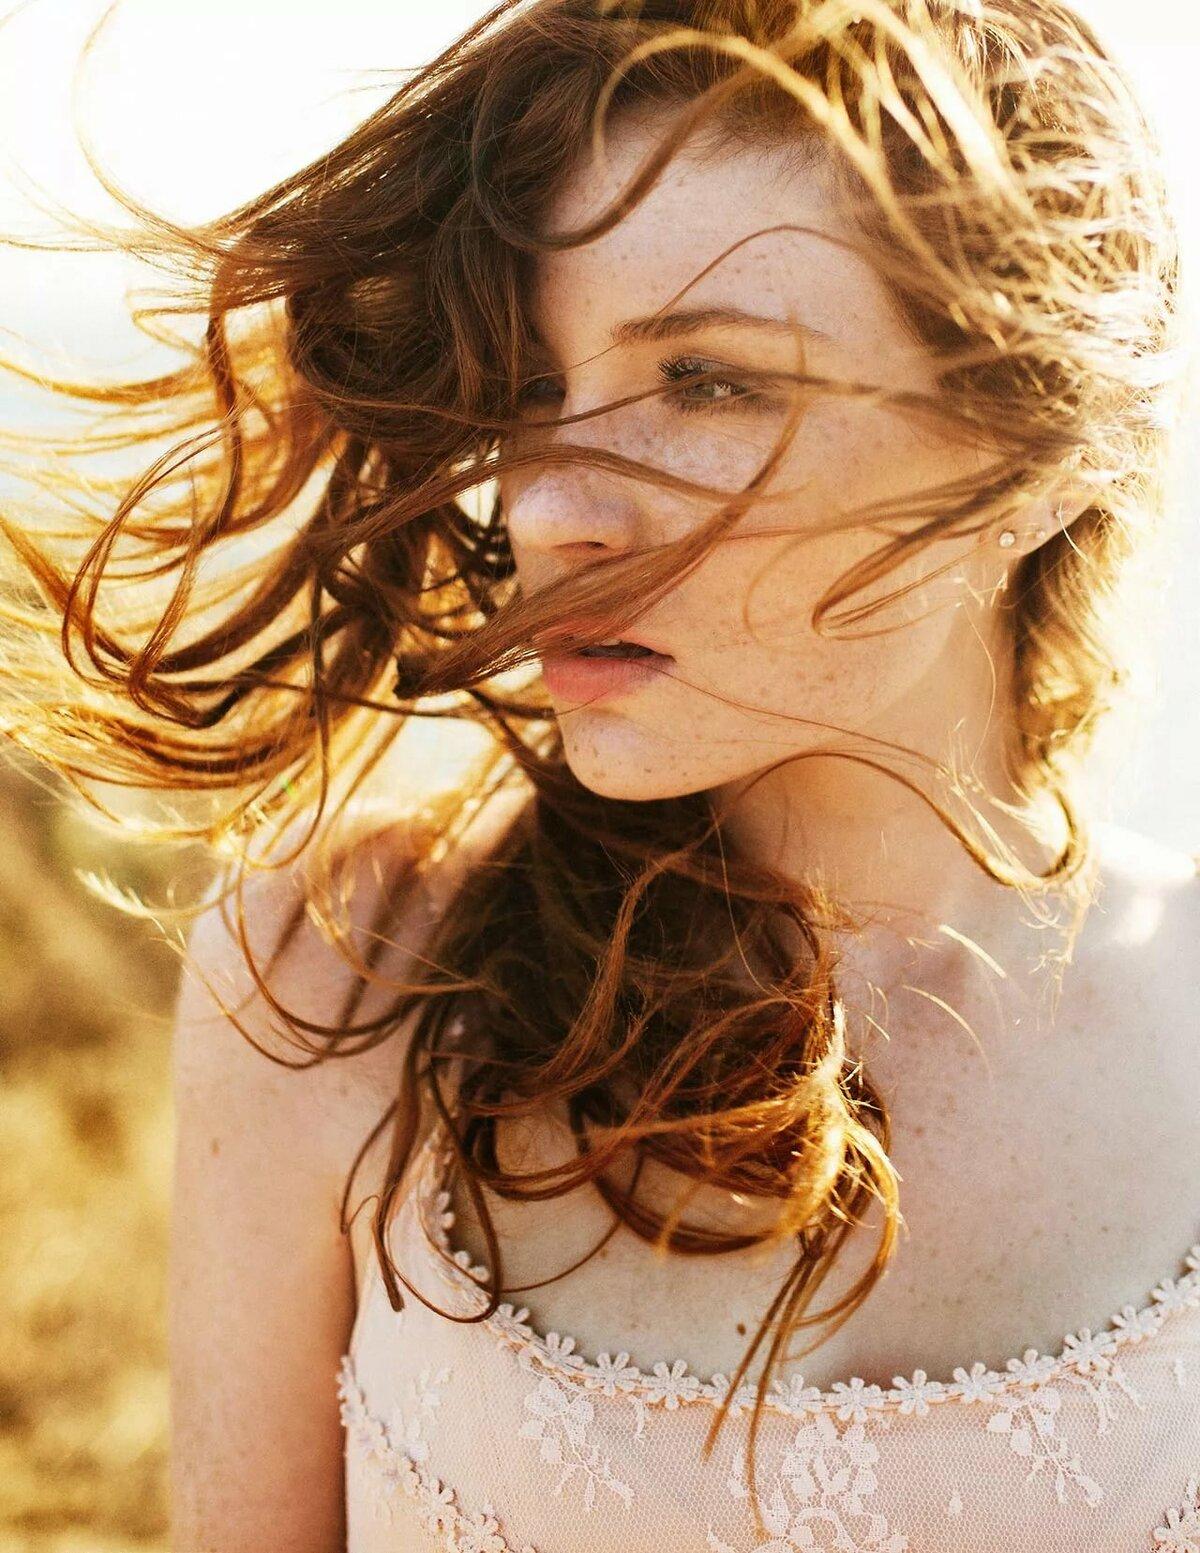 квартира волосы на ветру картинки легких можно